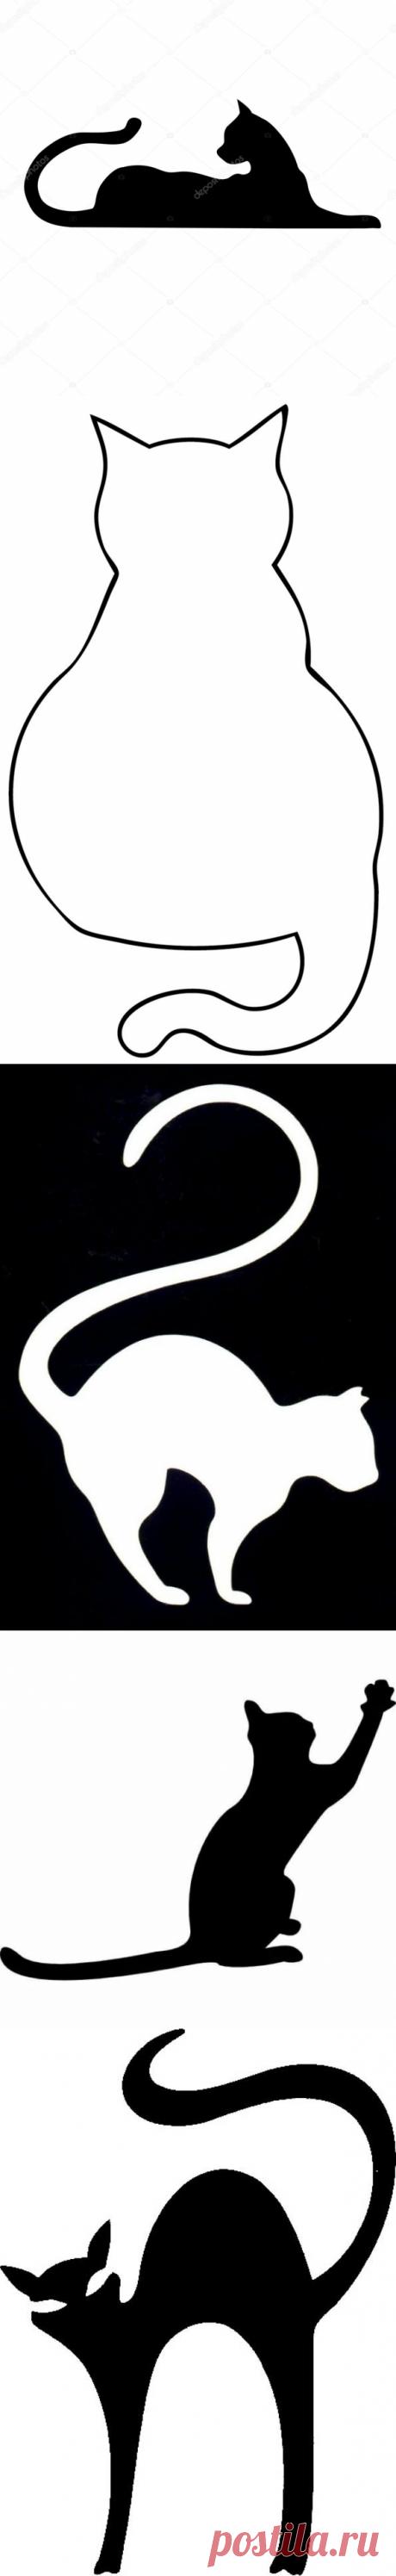 Аппликации с кошками на сумках — DIYIdeas